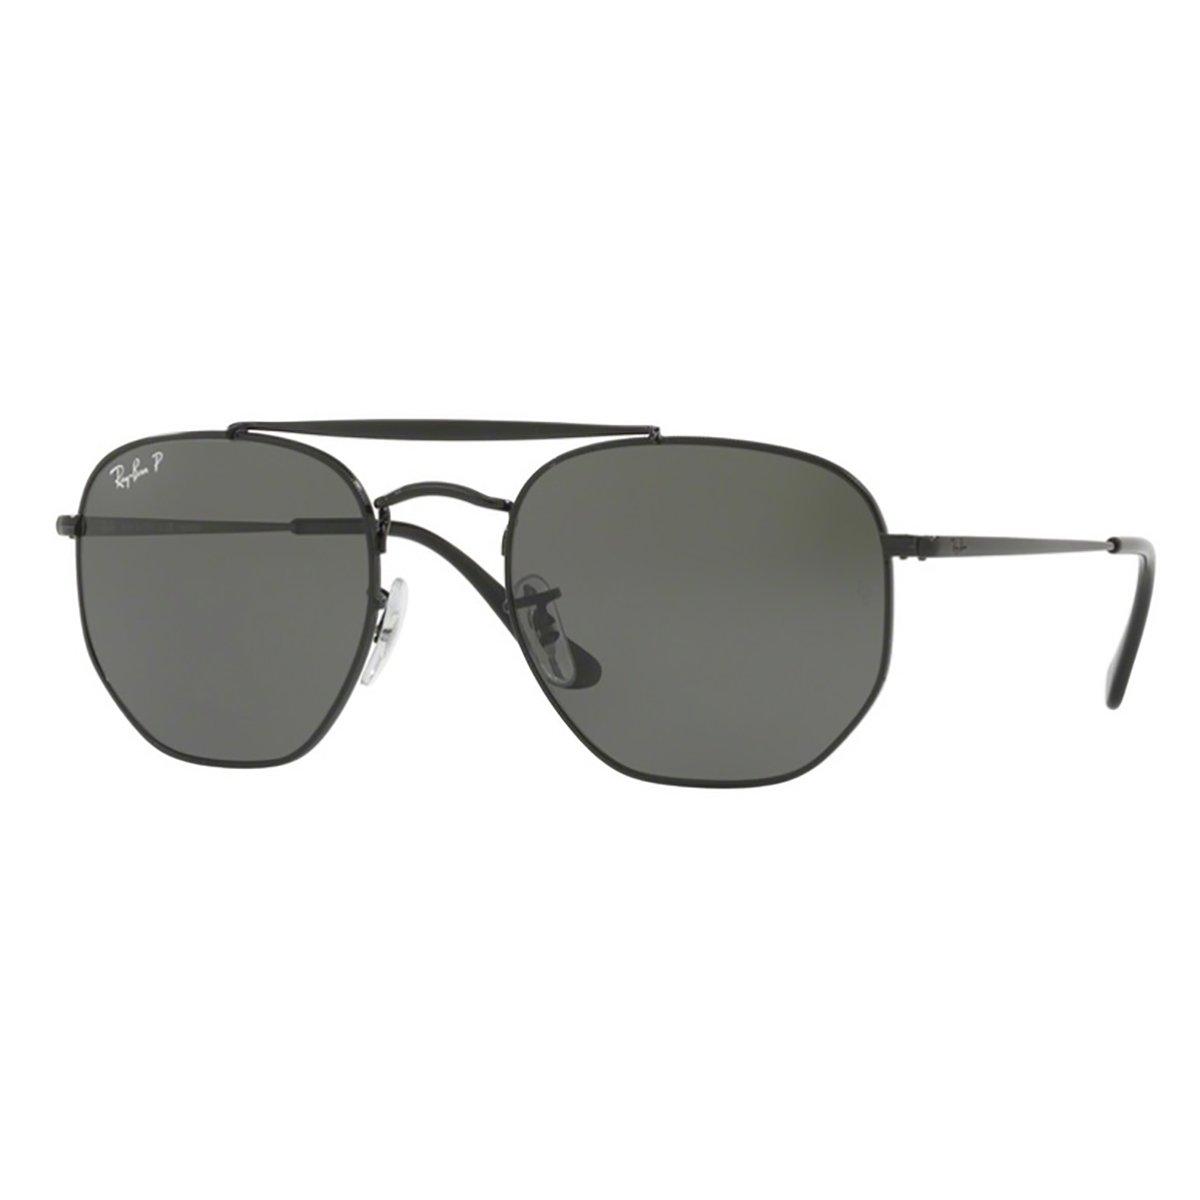 858e8f0cb Compre Óculos de Sol Ray Ban Marshal em 10X | Tri-Jóia Shop